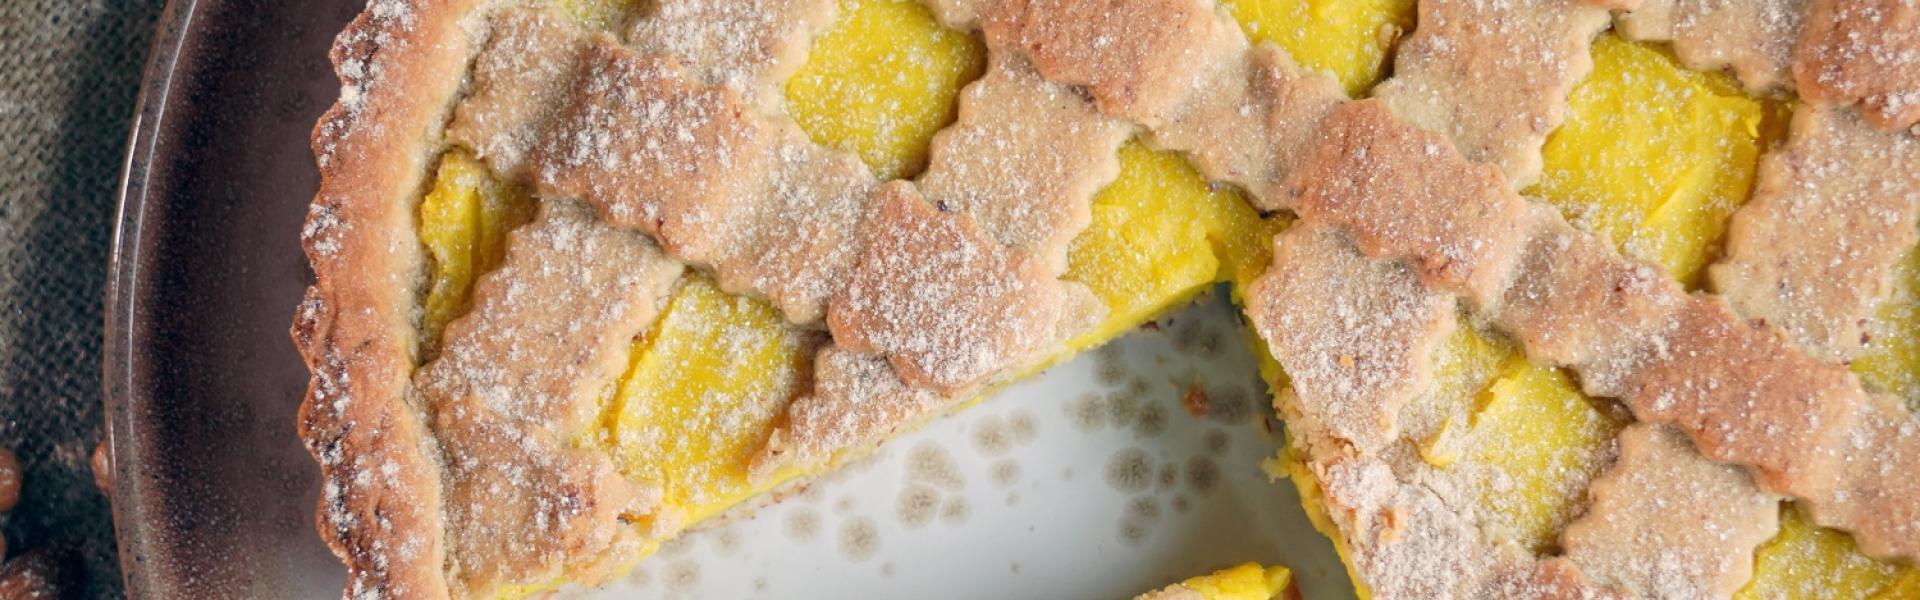 Angeschnittene Zitronentarte auf hellem Holztisch mit vielen Zitronen.